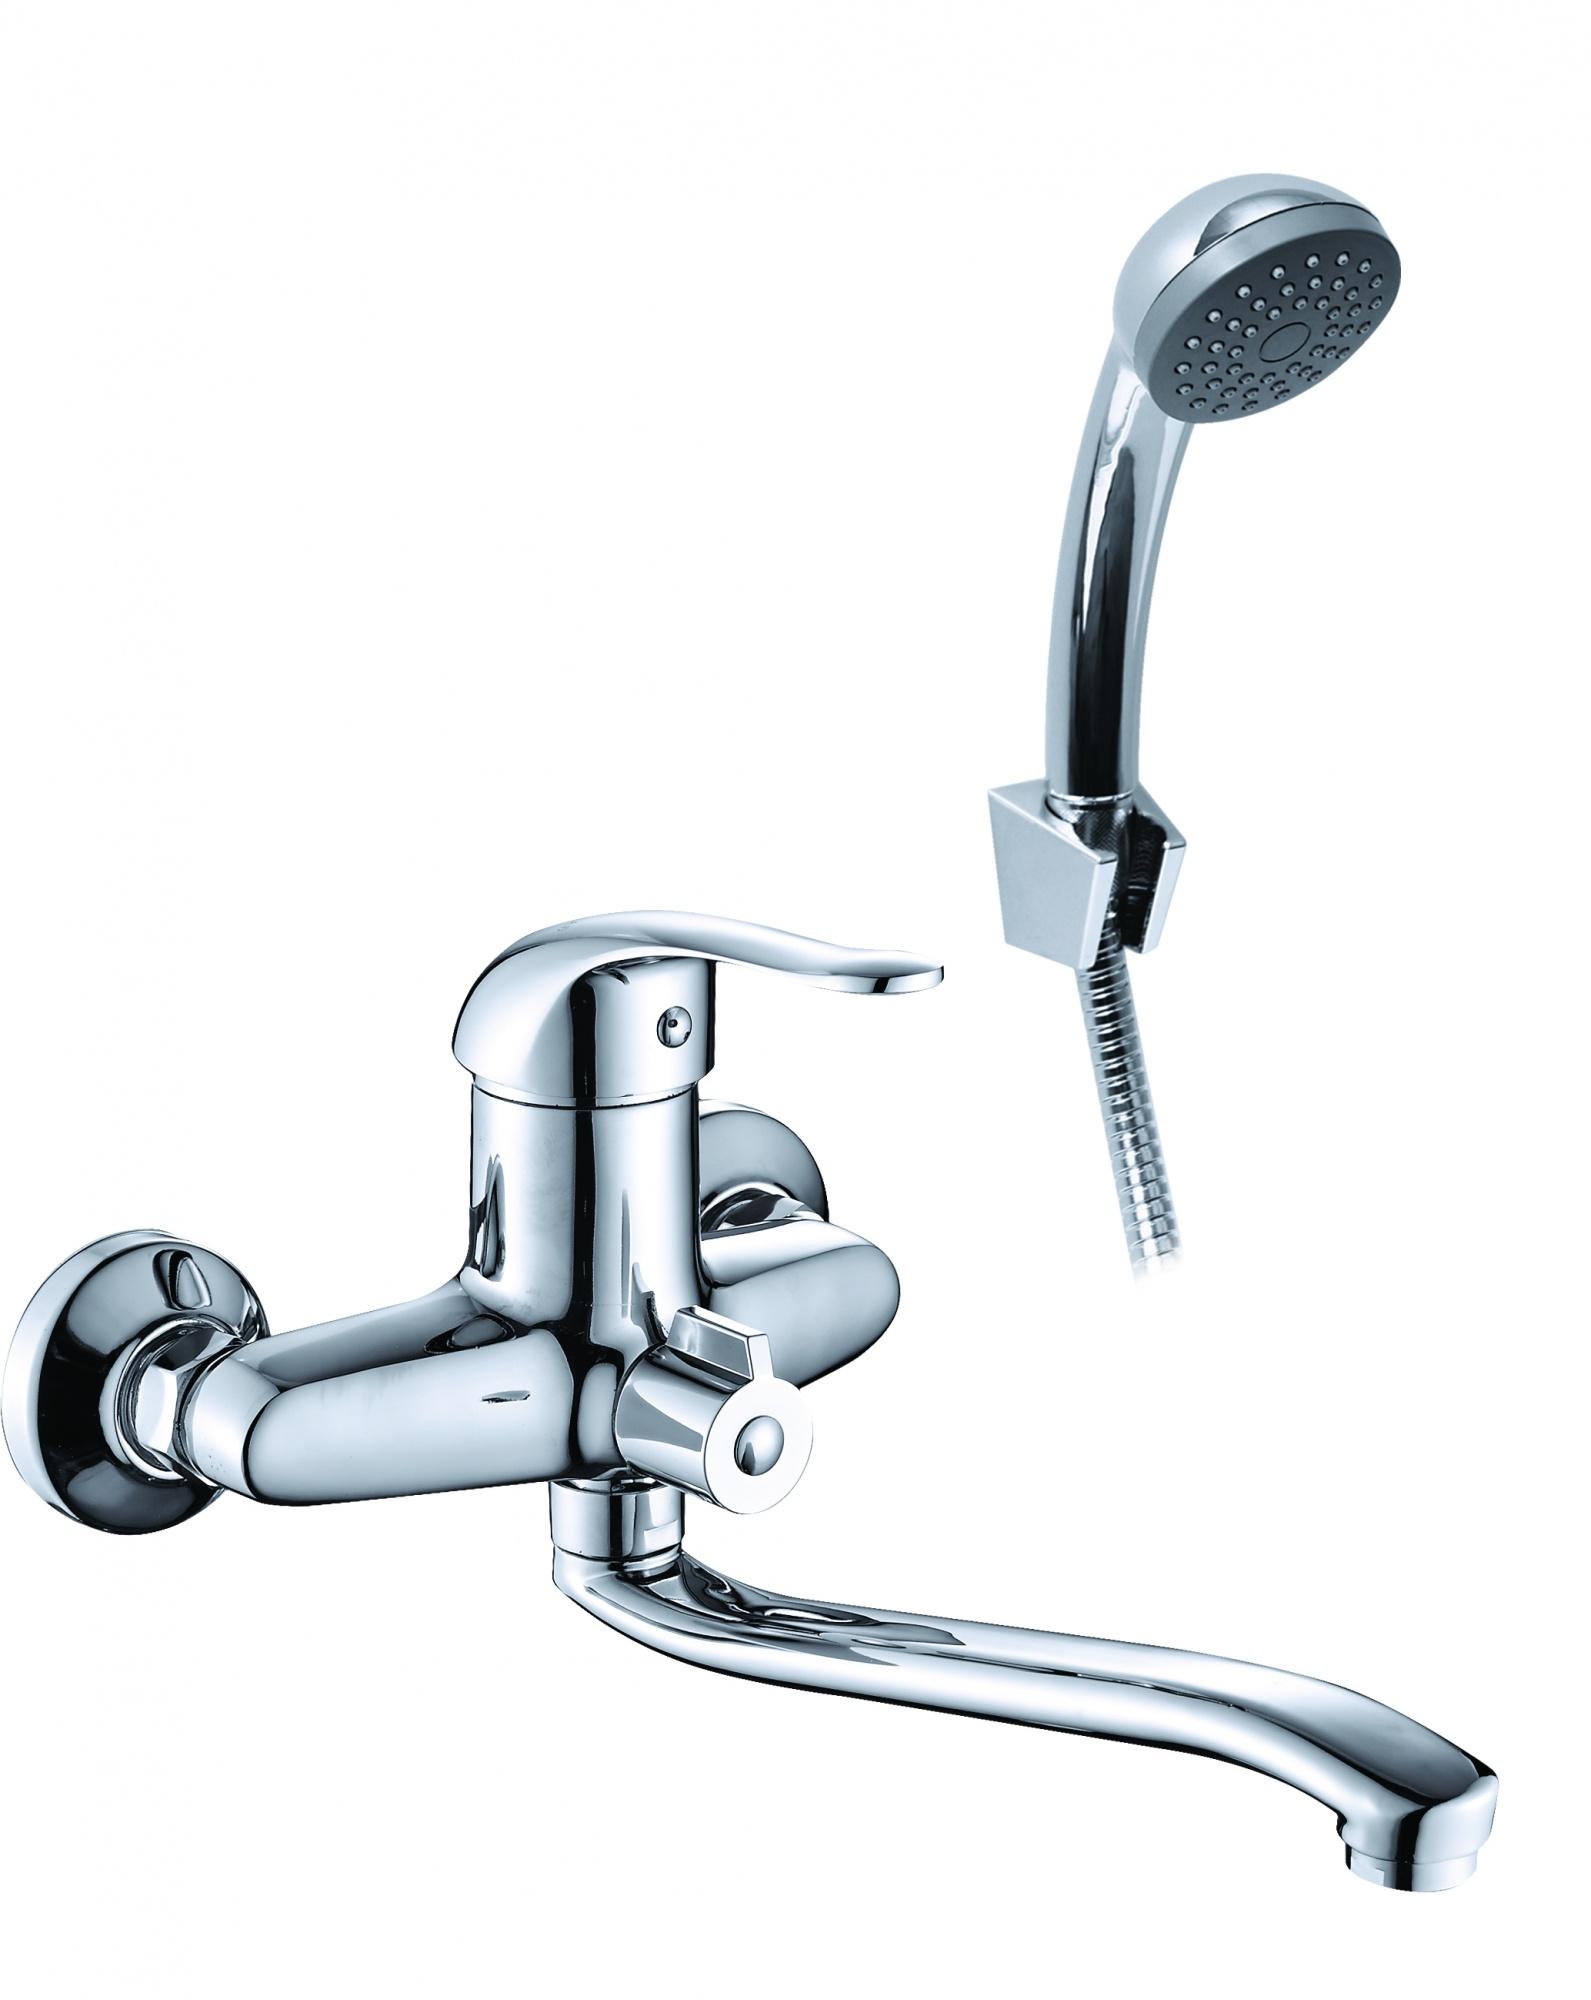 Рейтинг смесителей для ванной по производителям: топ 25